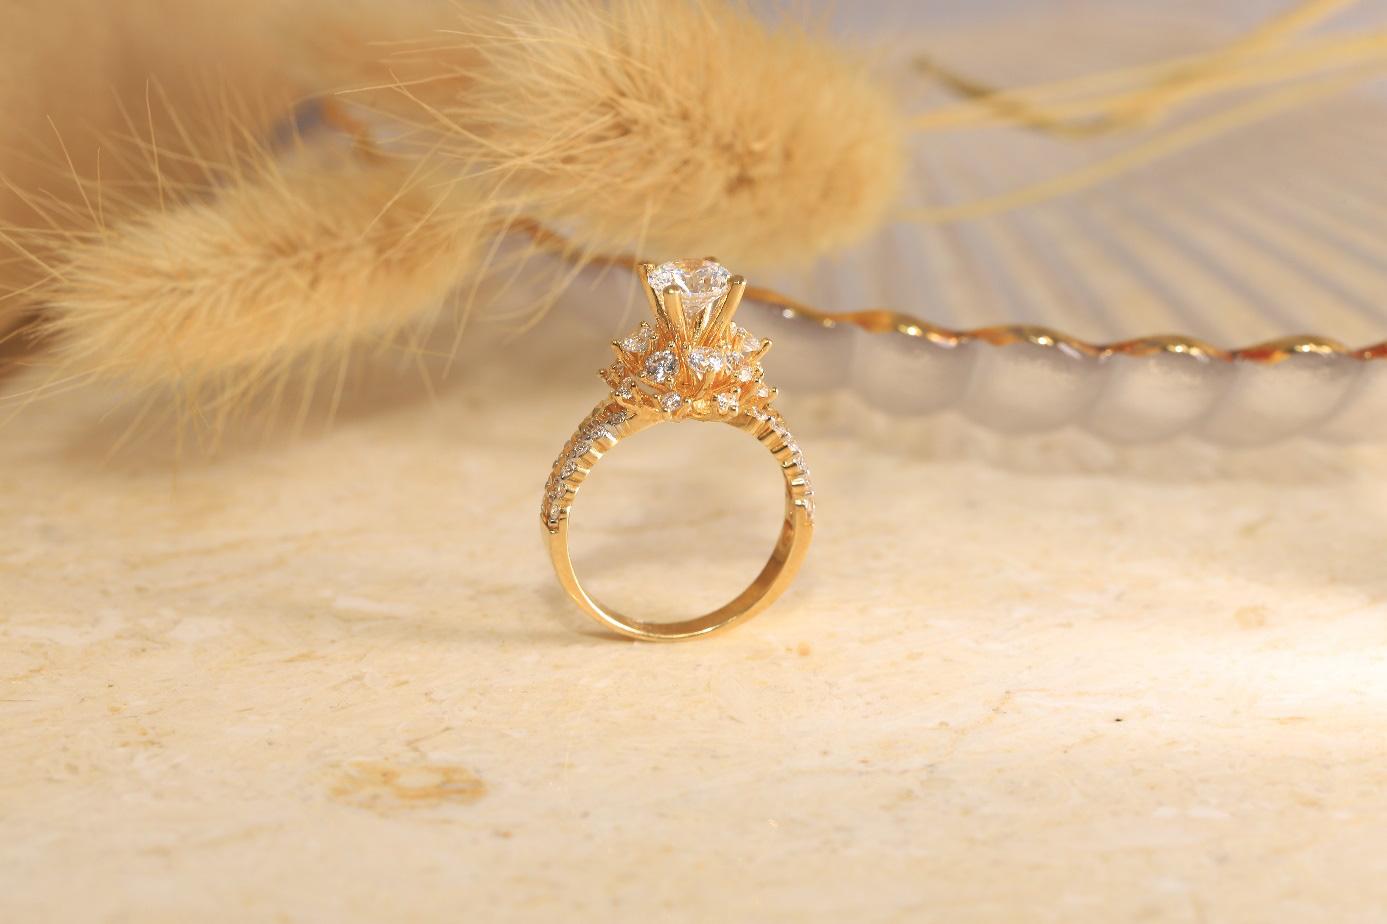 Xu hướng nhẫn cưới đơn giản và tinh tế lên ngôi đầu năm 2021 - Ảnh 6.